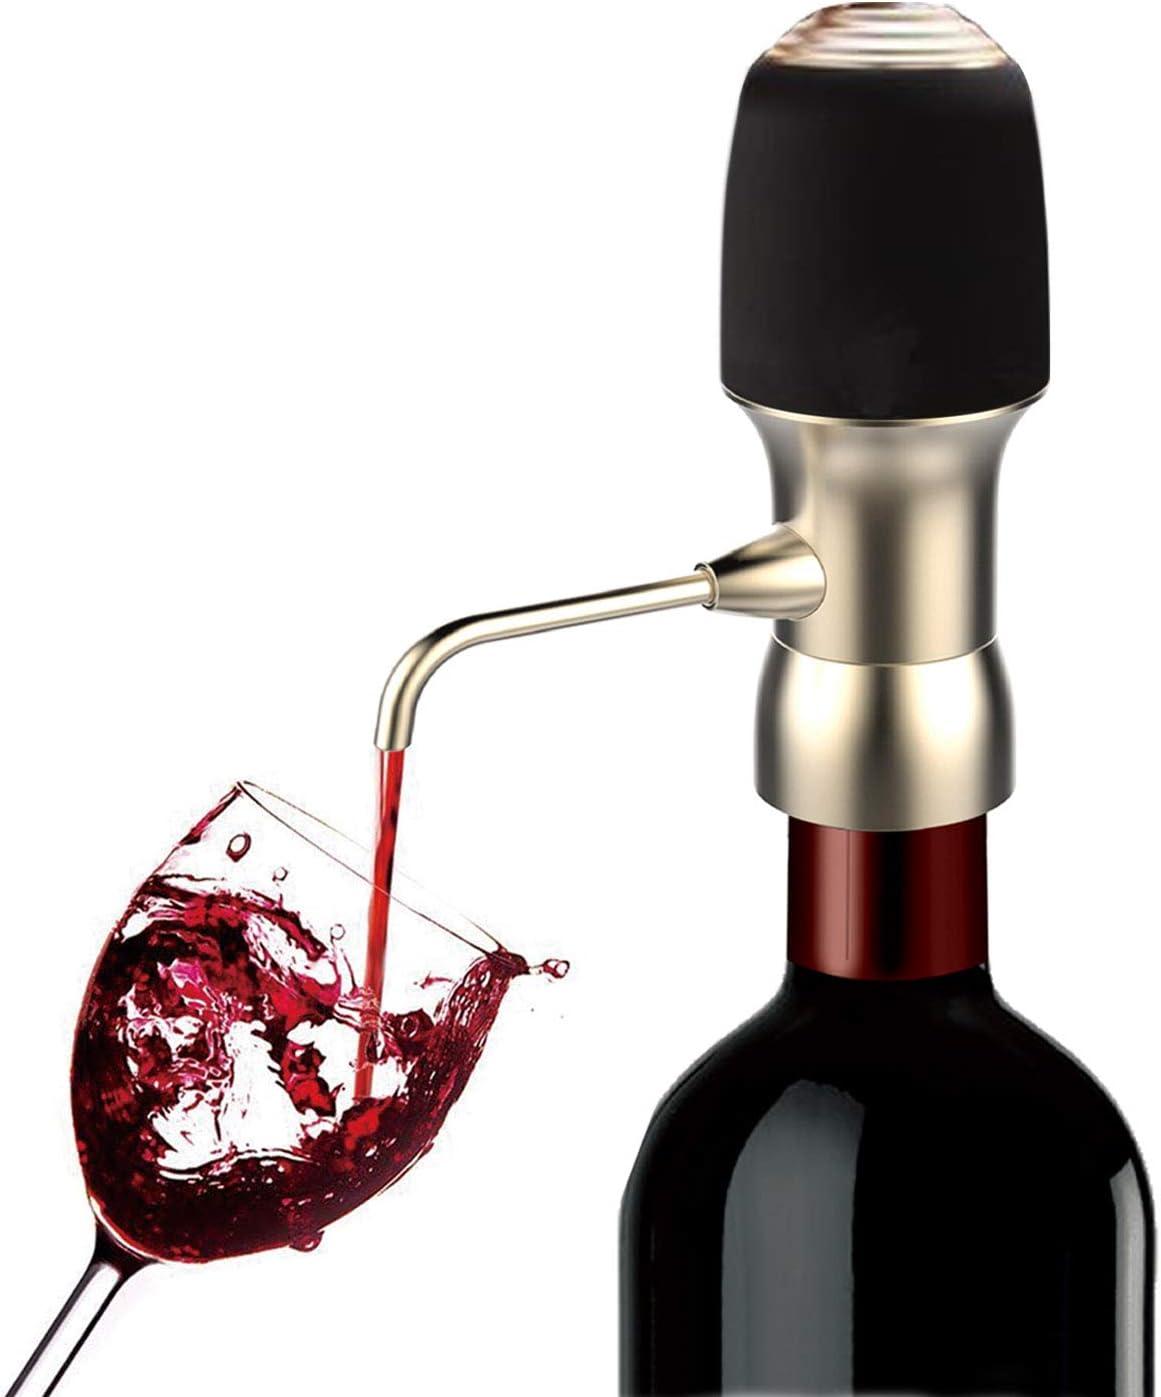 Aireador de vino eléctrico, spedal One-Touch portátil decantador de vino, vino accesorios, práctico boquilla, mejorar vino sabor de todas las edades, aprobado por la FDA, caja de regalo: Amazon.es: Hogar